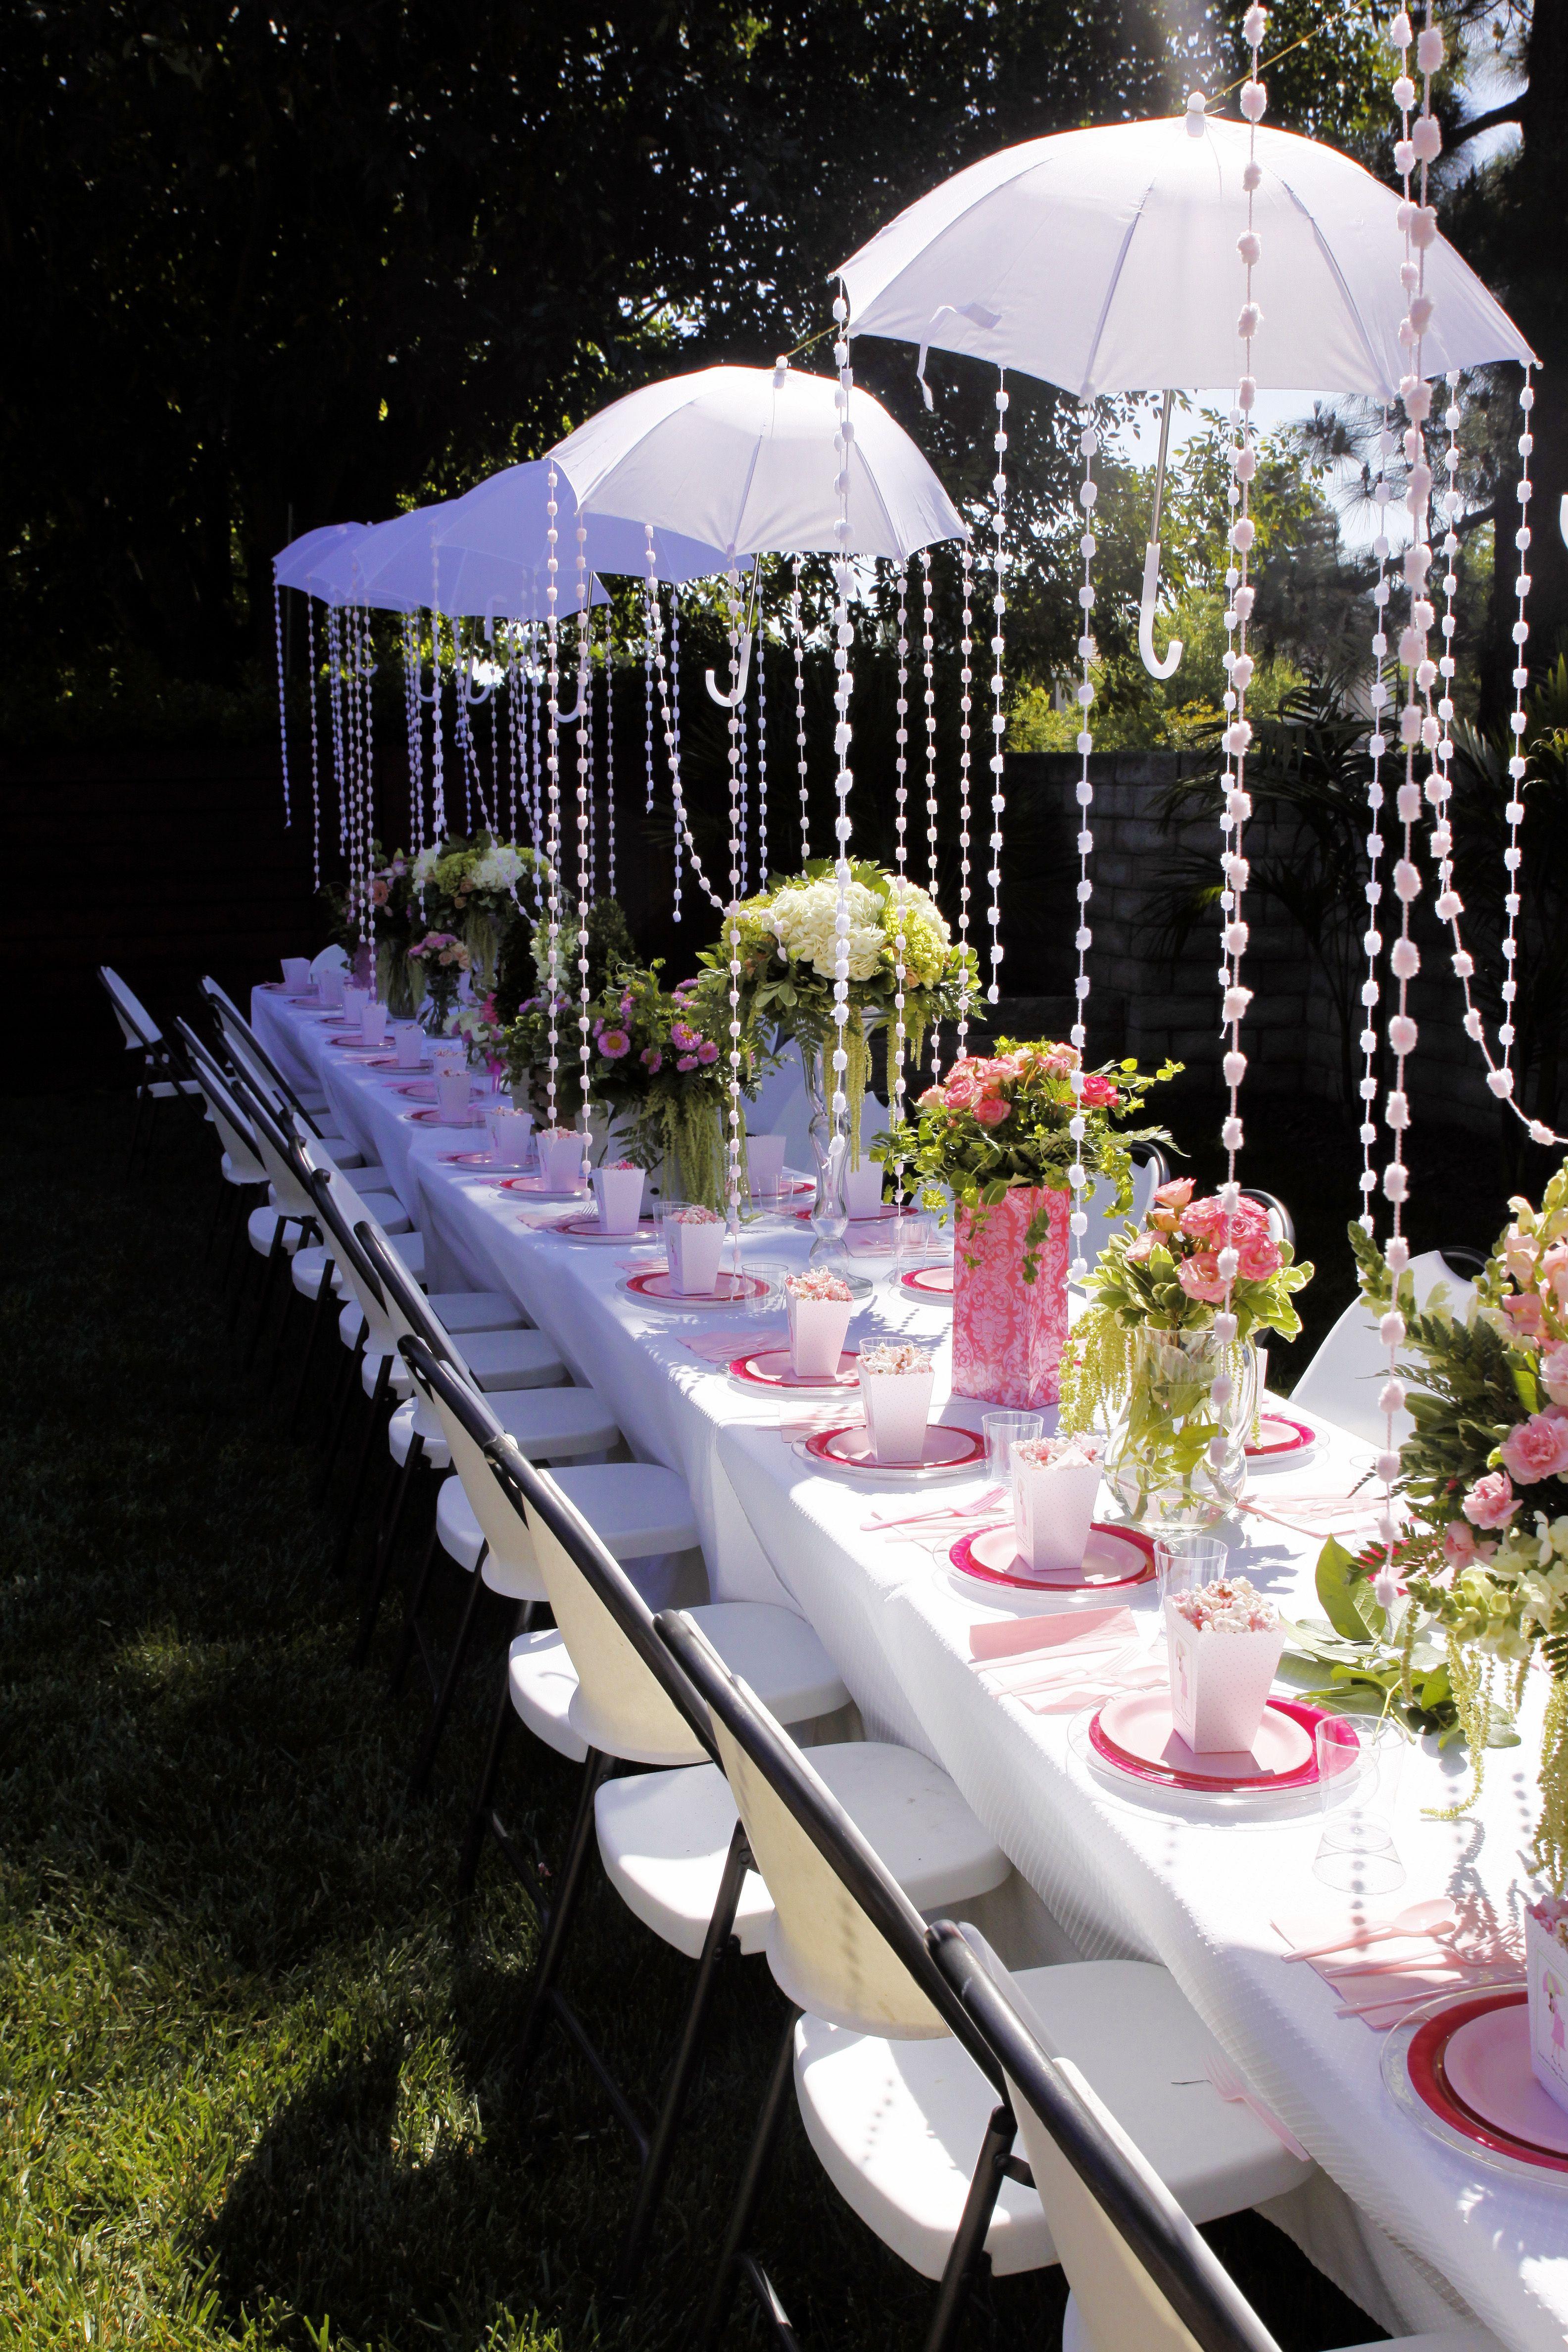 """Baby Shower....""""Umbrella"""" themed garden brunch. kunne laves med billede af tobias  og ordrene konfirmation + papirs blomster /deco af en slags"""